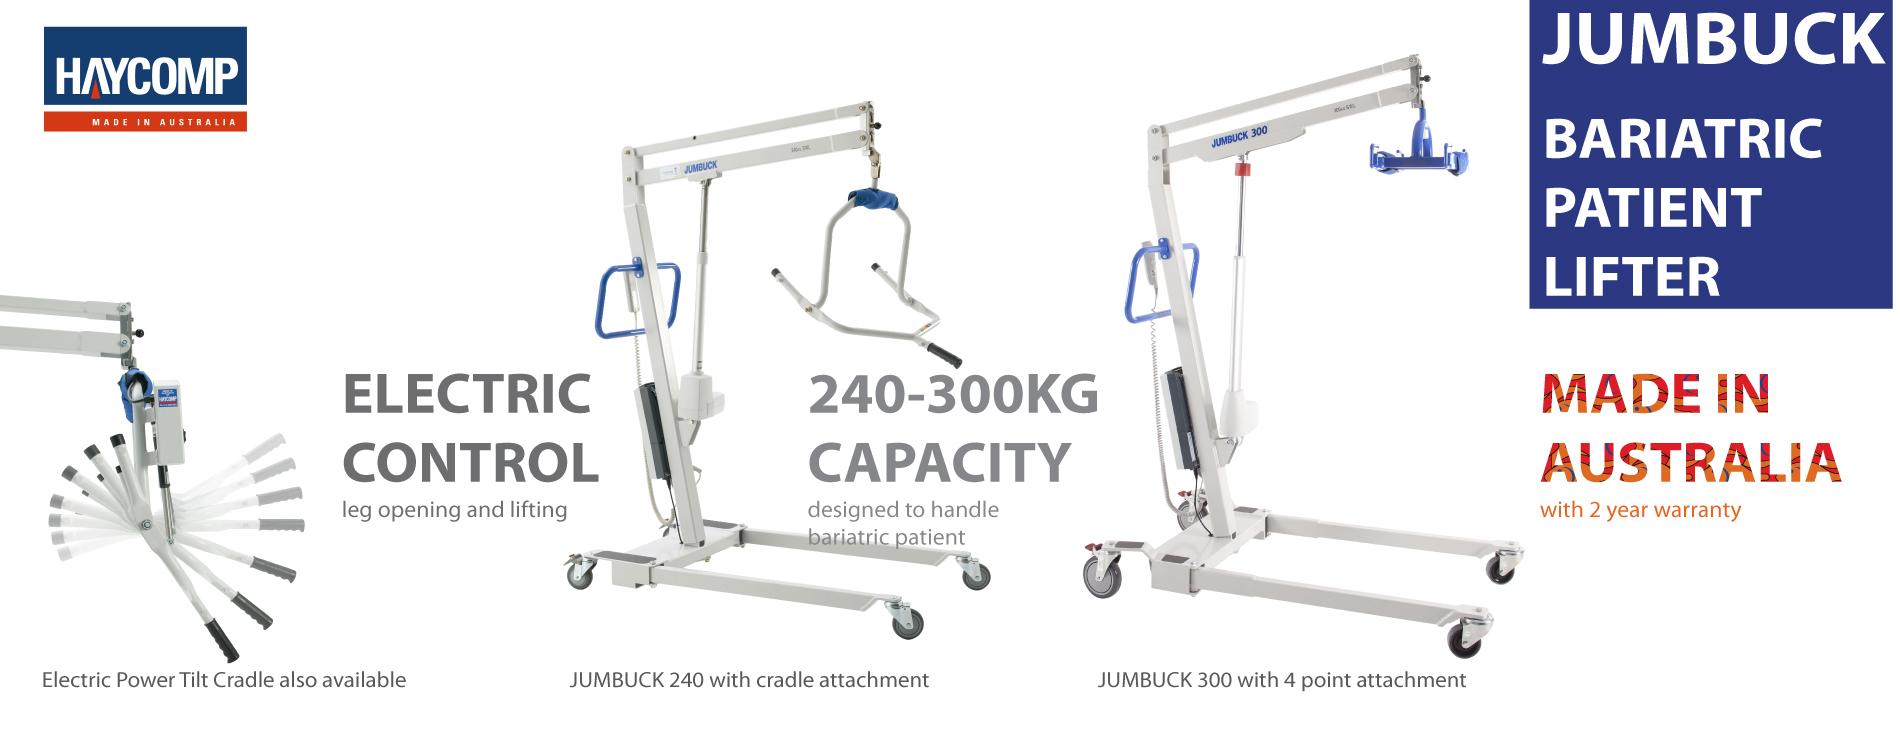 JUMBUCK 1900X750